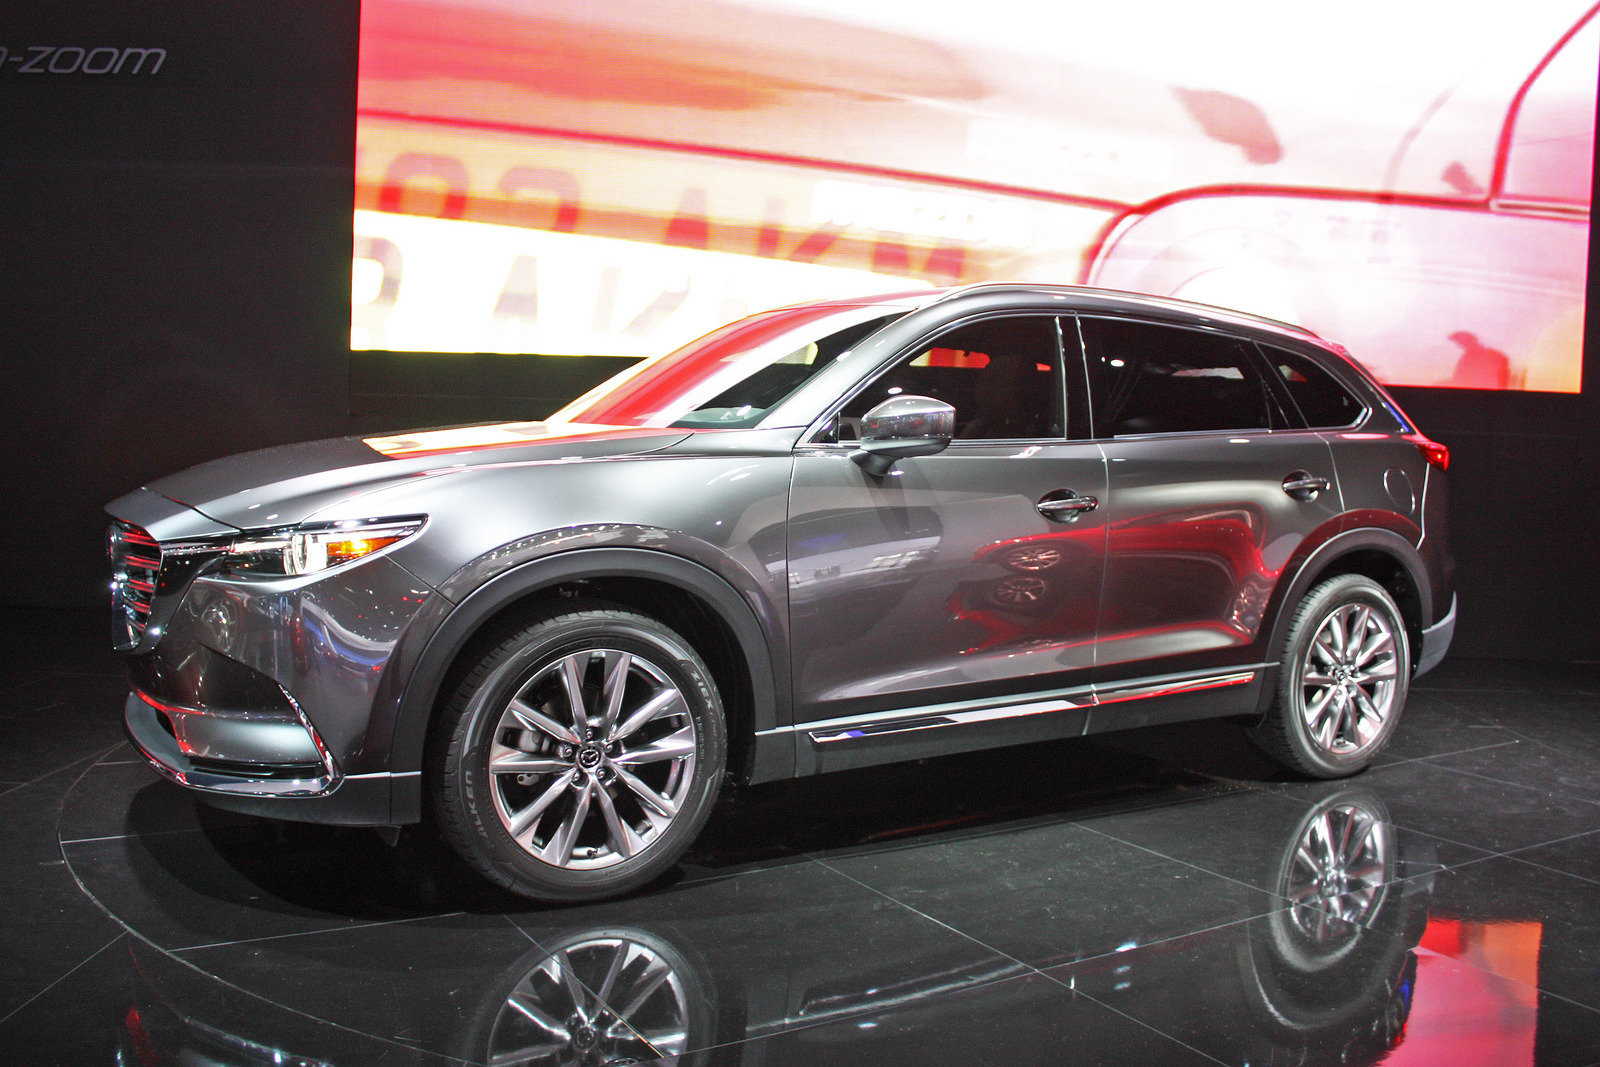 Mazda объявила дату начала продаж кроссовера CX-9 в России